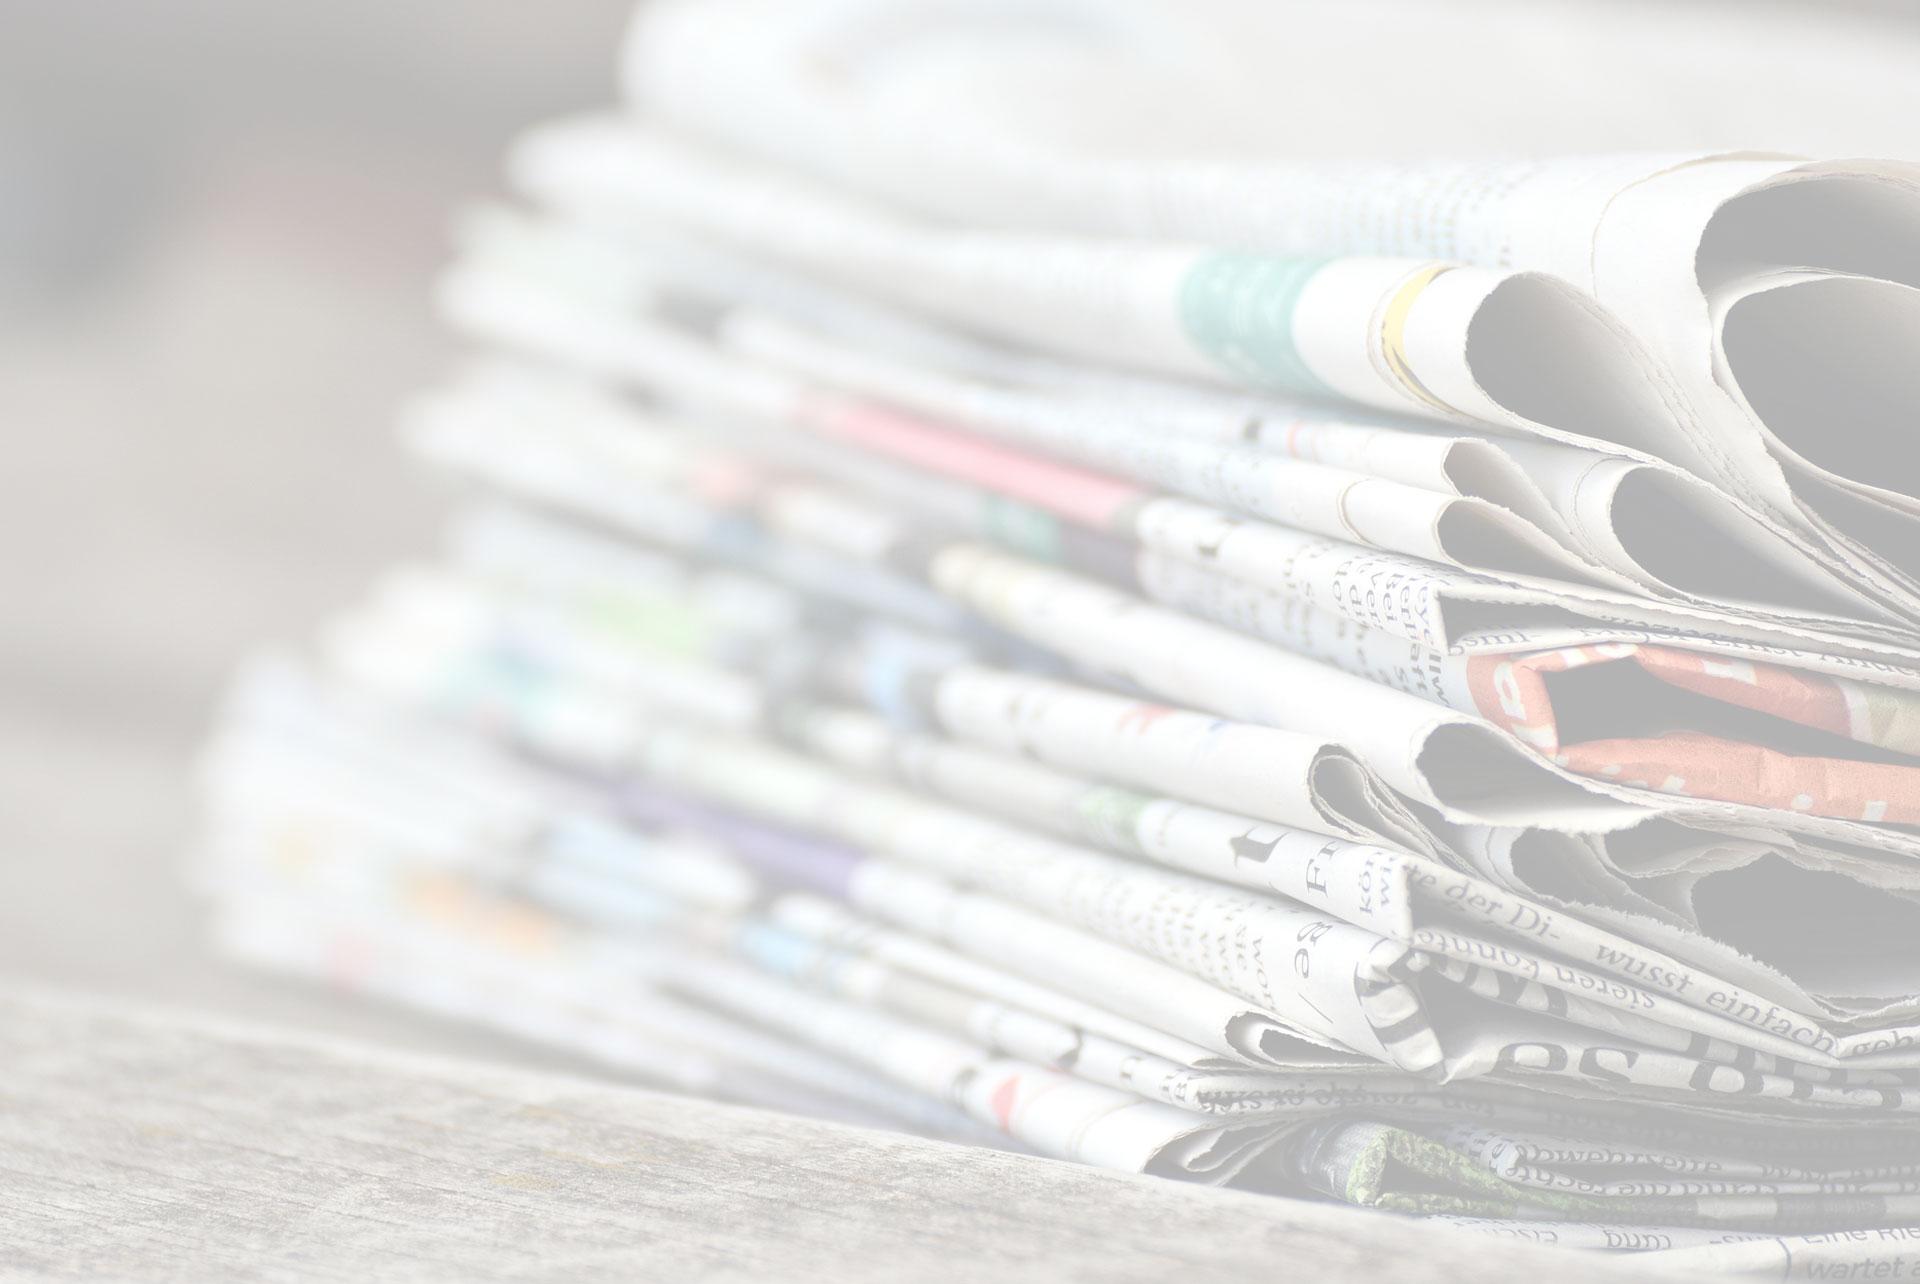 Augusto Reina